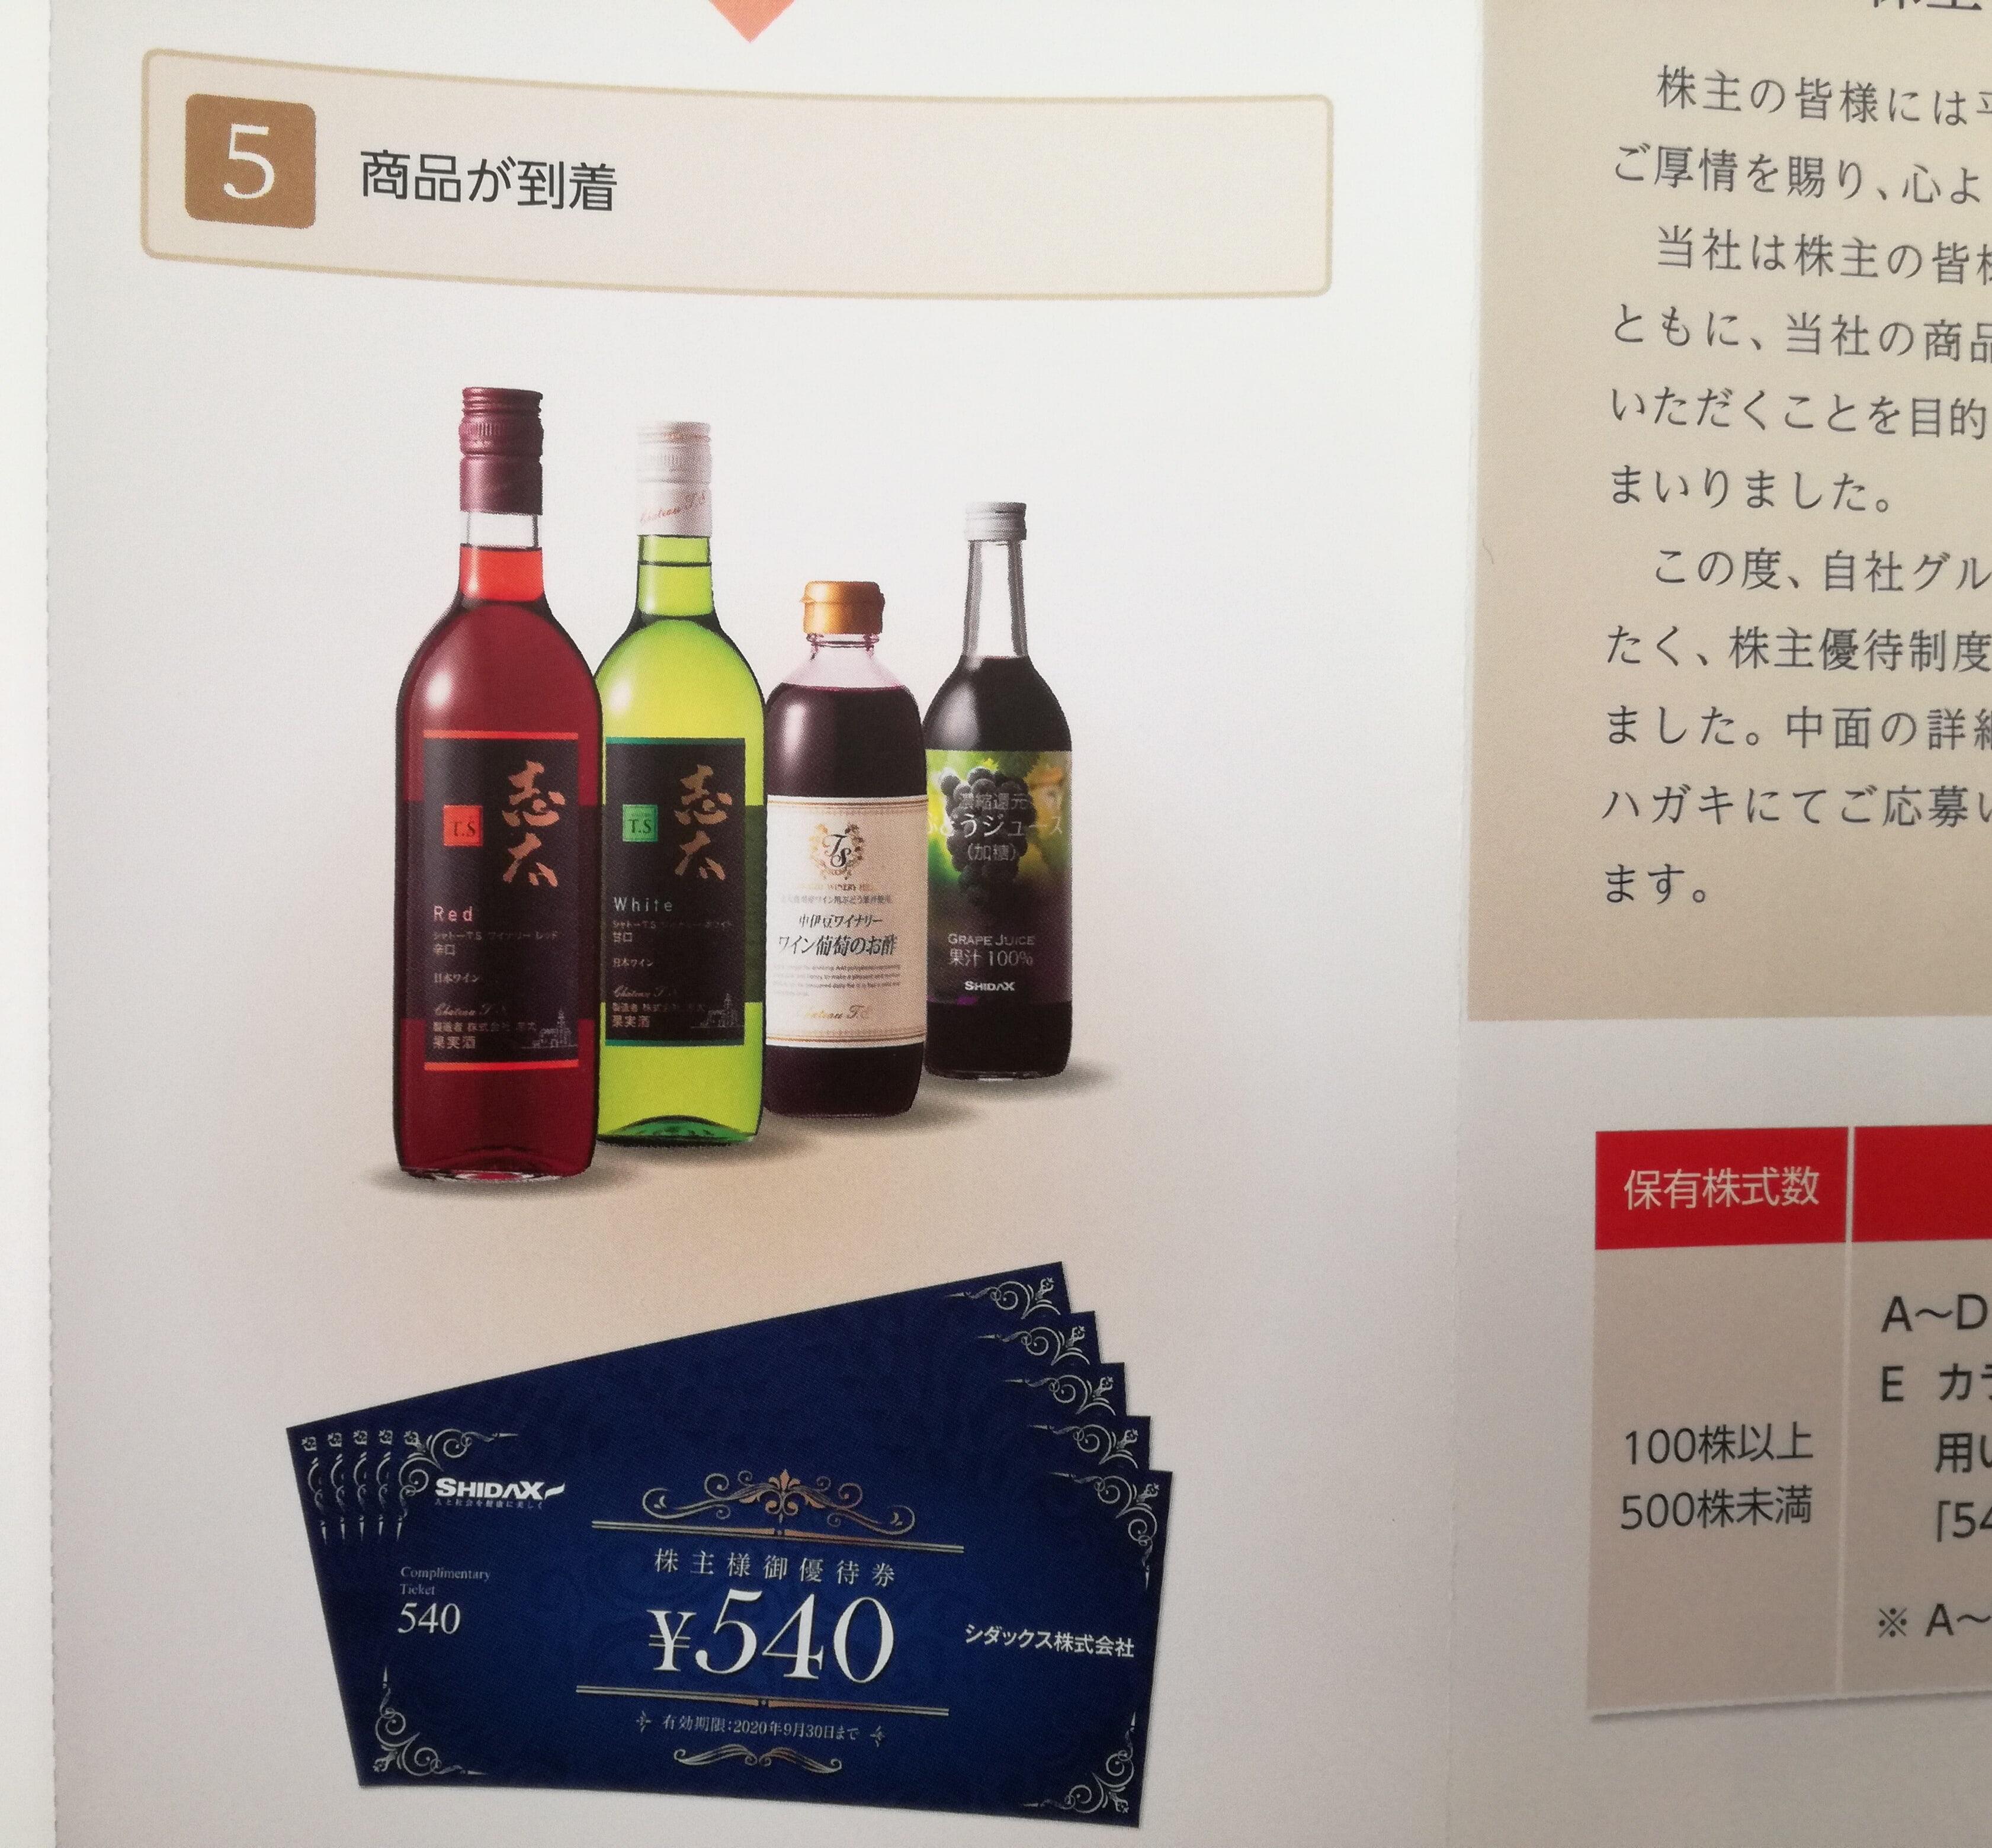 無配転落したシダックス(4837)の株主優待案内到着!株主優待券ではなく白ワインを選びます!